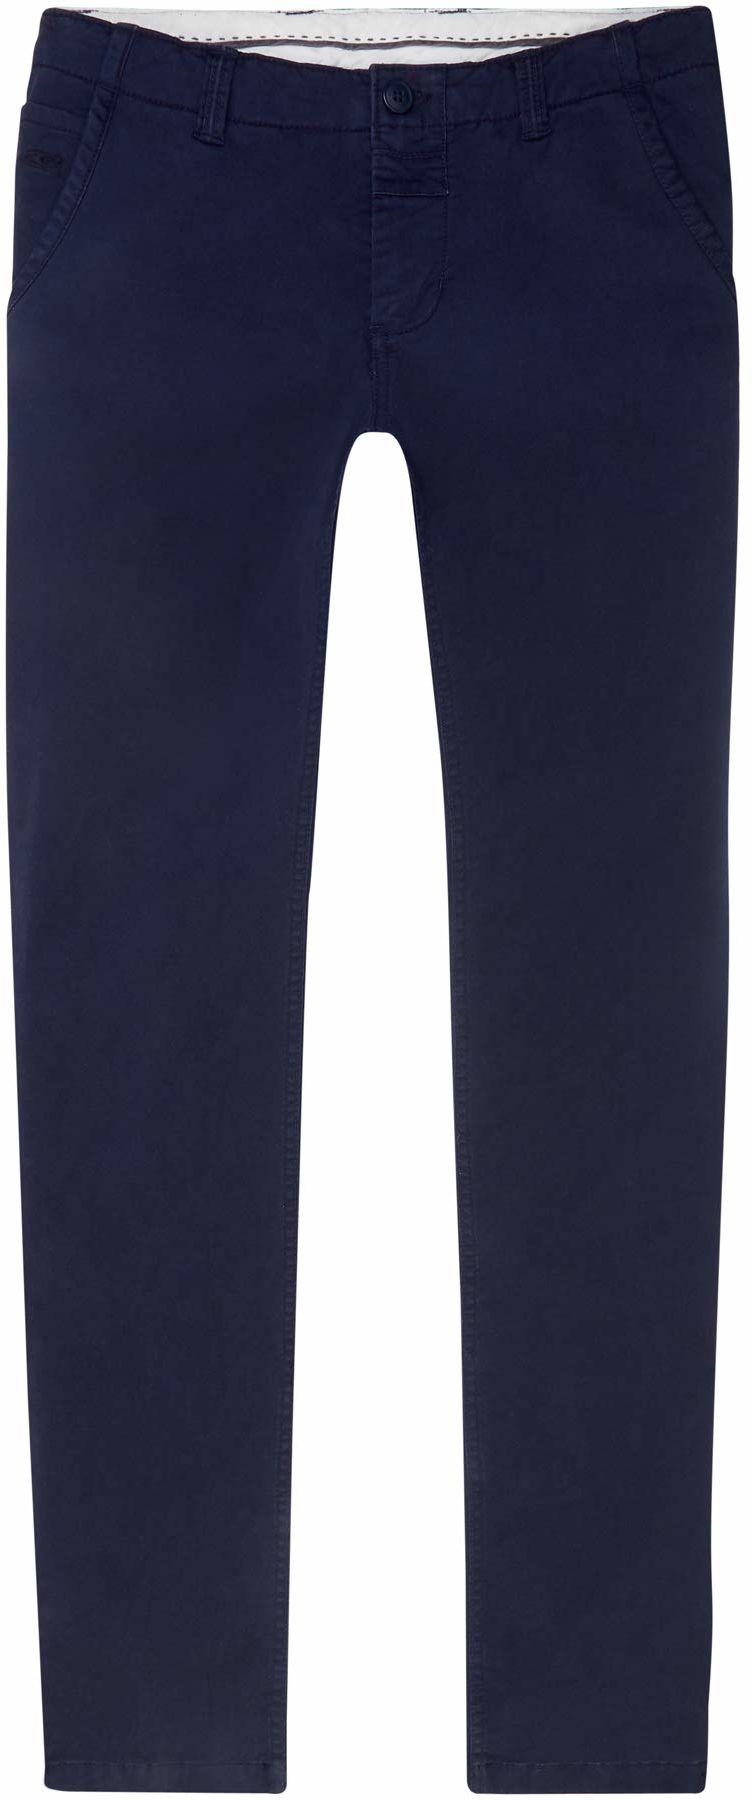 O''Neill Lm Chino 5056 spodnie męskie niebieski niebieski 31